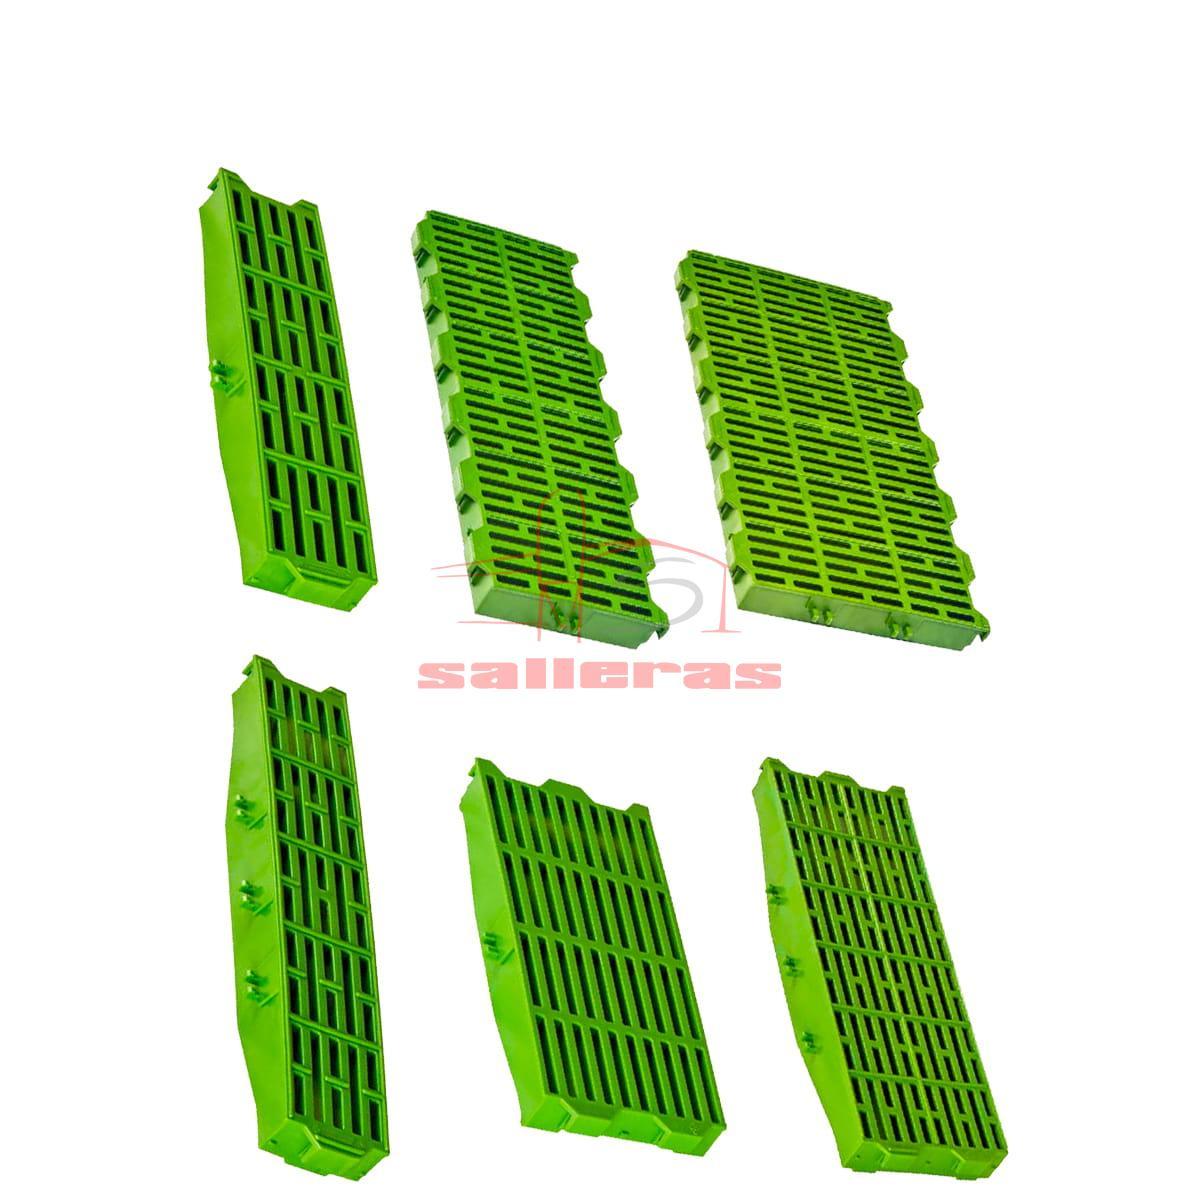 6 slats verdes complementarios